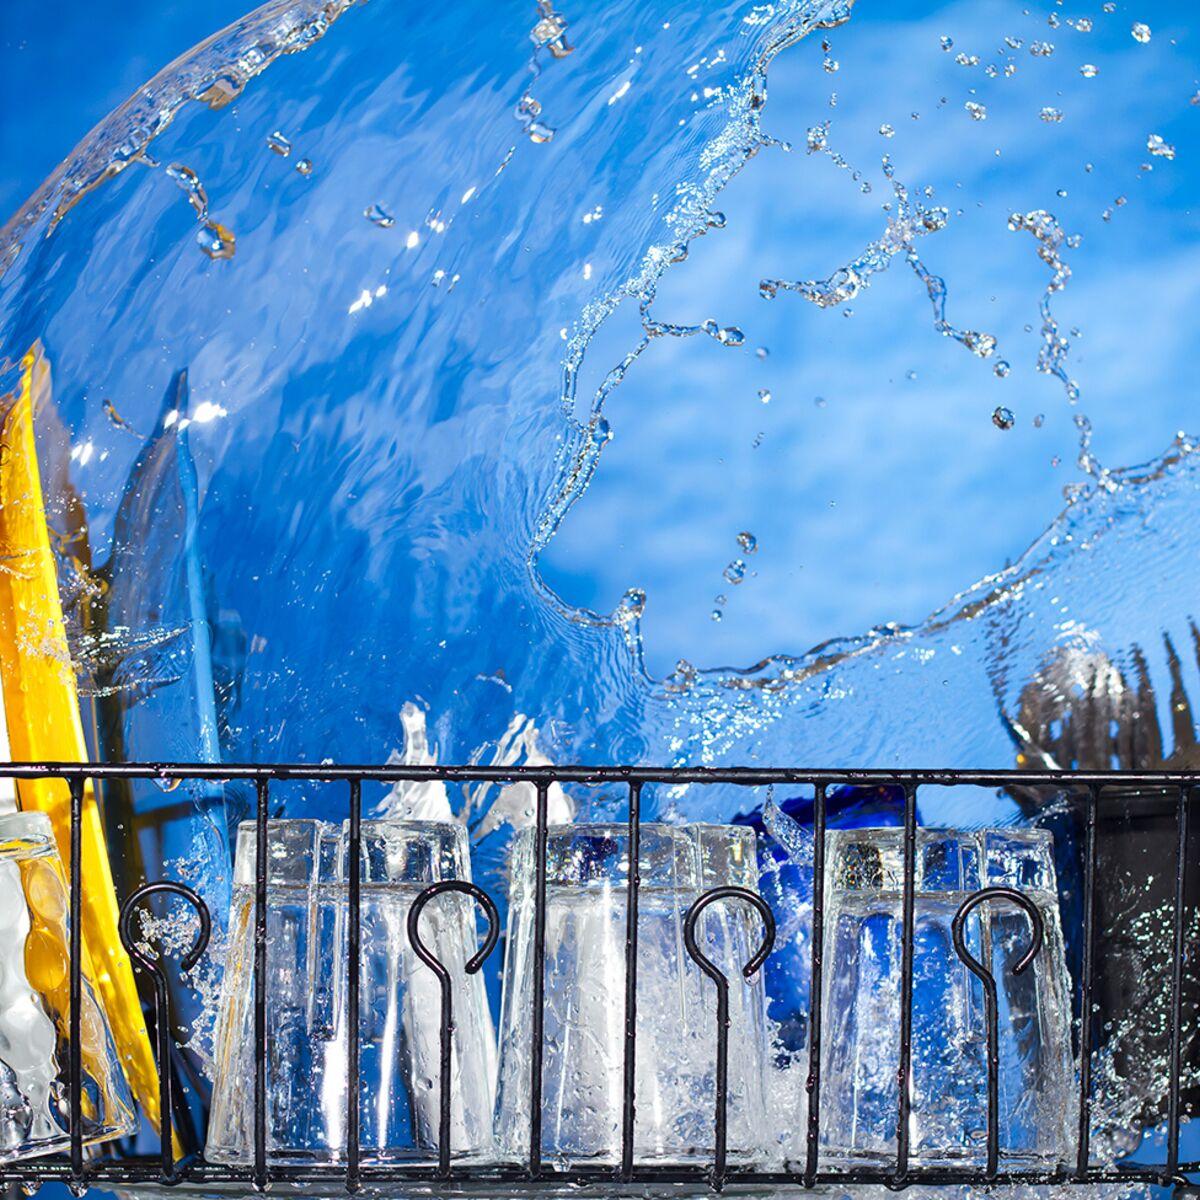 Peinture Pour Lave Vaisselle top 10 des éléments à ne pas mettre au lave-vaisselle